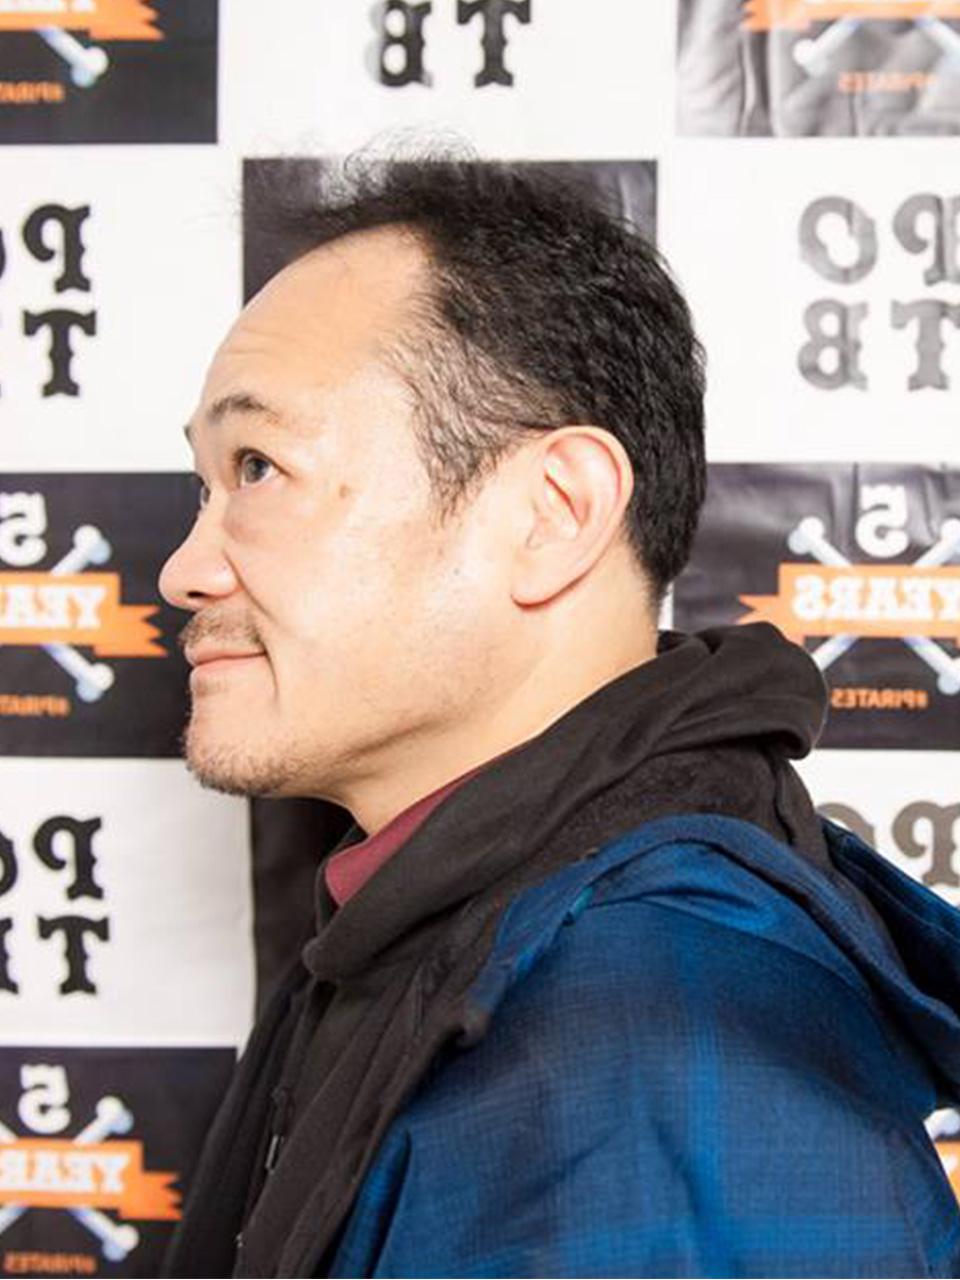 Rodger Sonomura